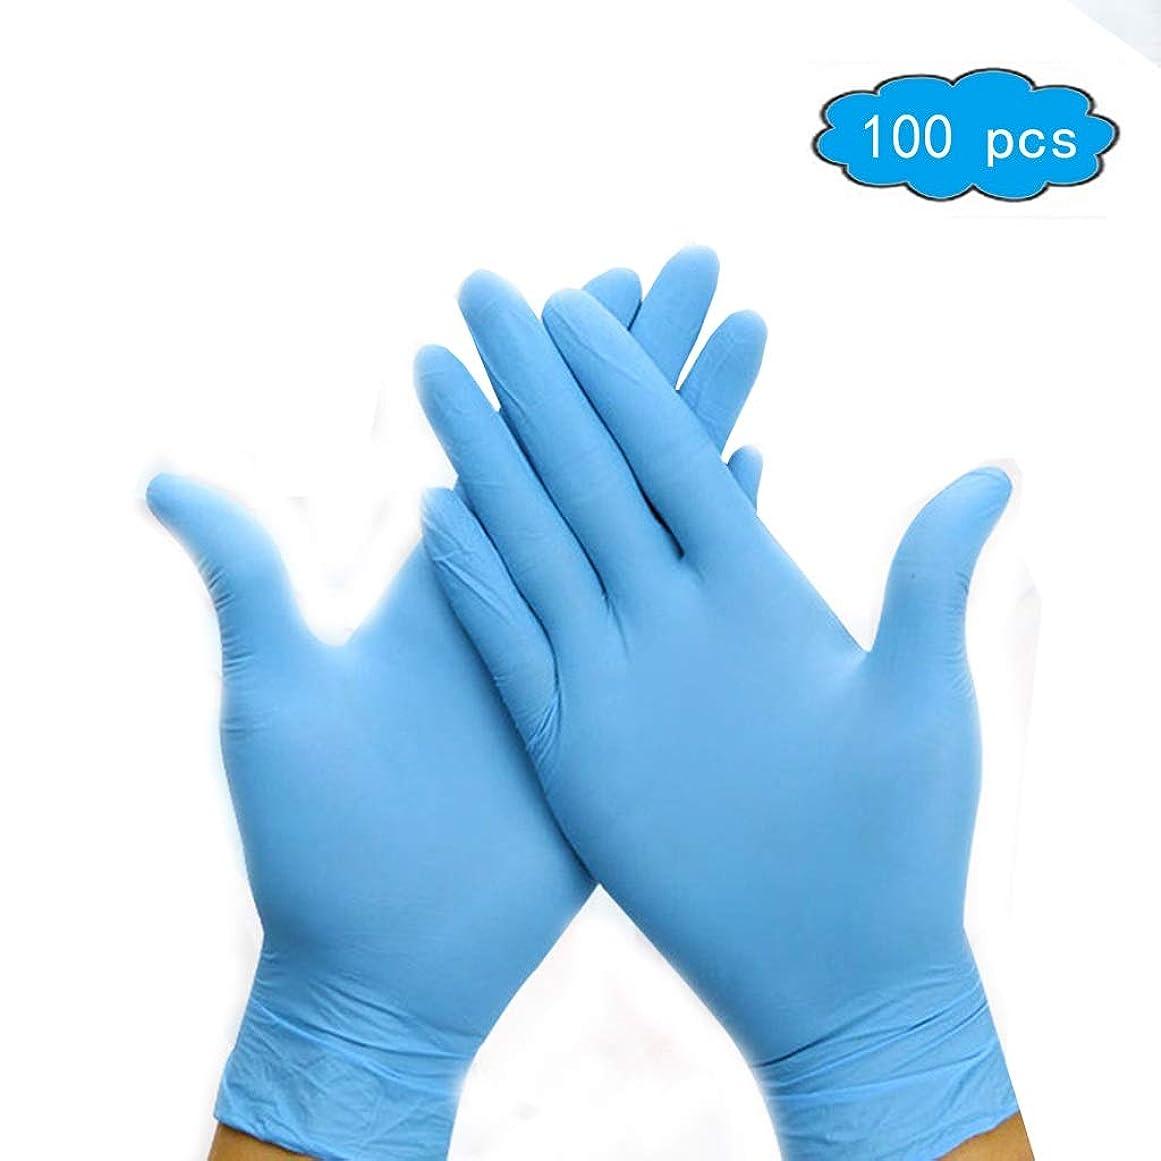 読書をする印象的な彼女自身使い捨てニトリル手袋 - パウダーフリー、ラテックスフリー、メディカル試験グレード、無菌、Ambidextrous - テクスチャード加工のソフト - クールブルー(中、1パック、100カウント)、手?腕の保護 (Color : Blue, Size : L)